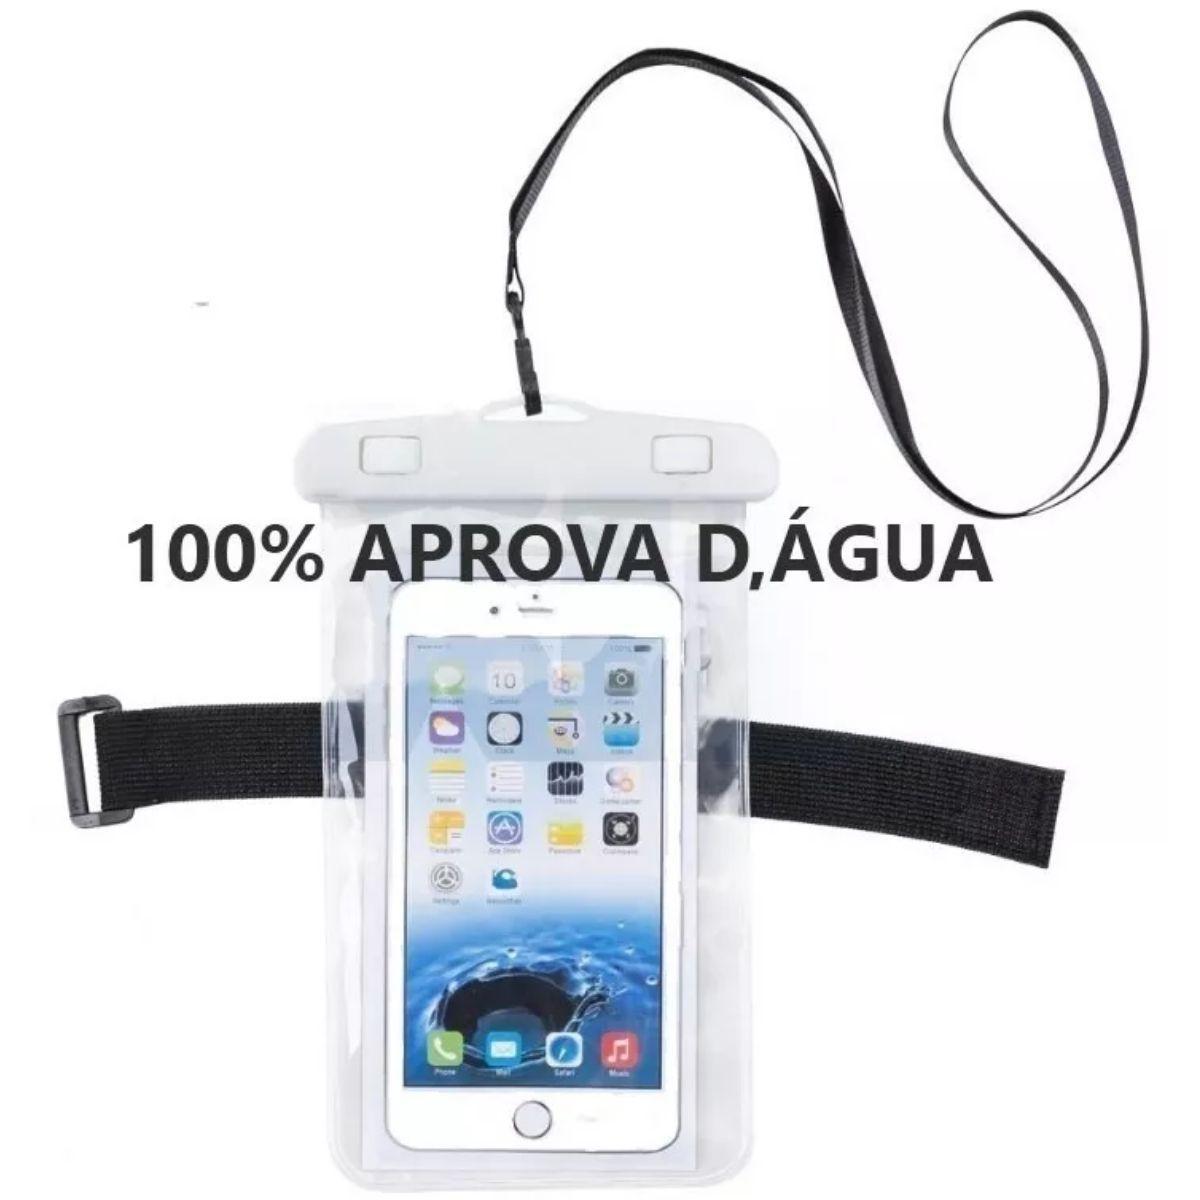 Capa Protetora De Celular Universal Para Mergulho